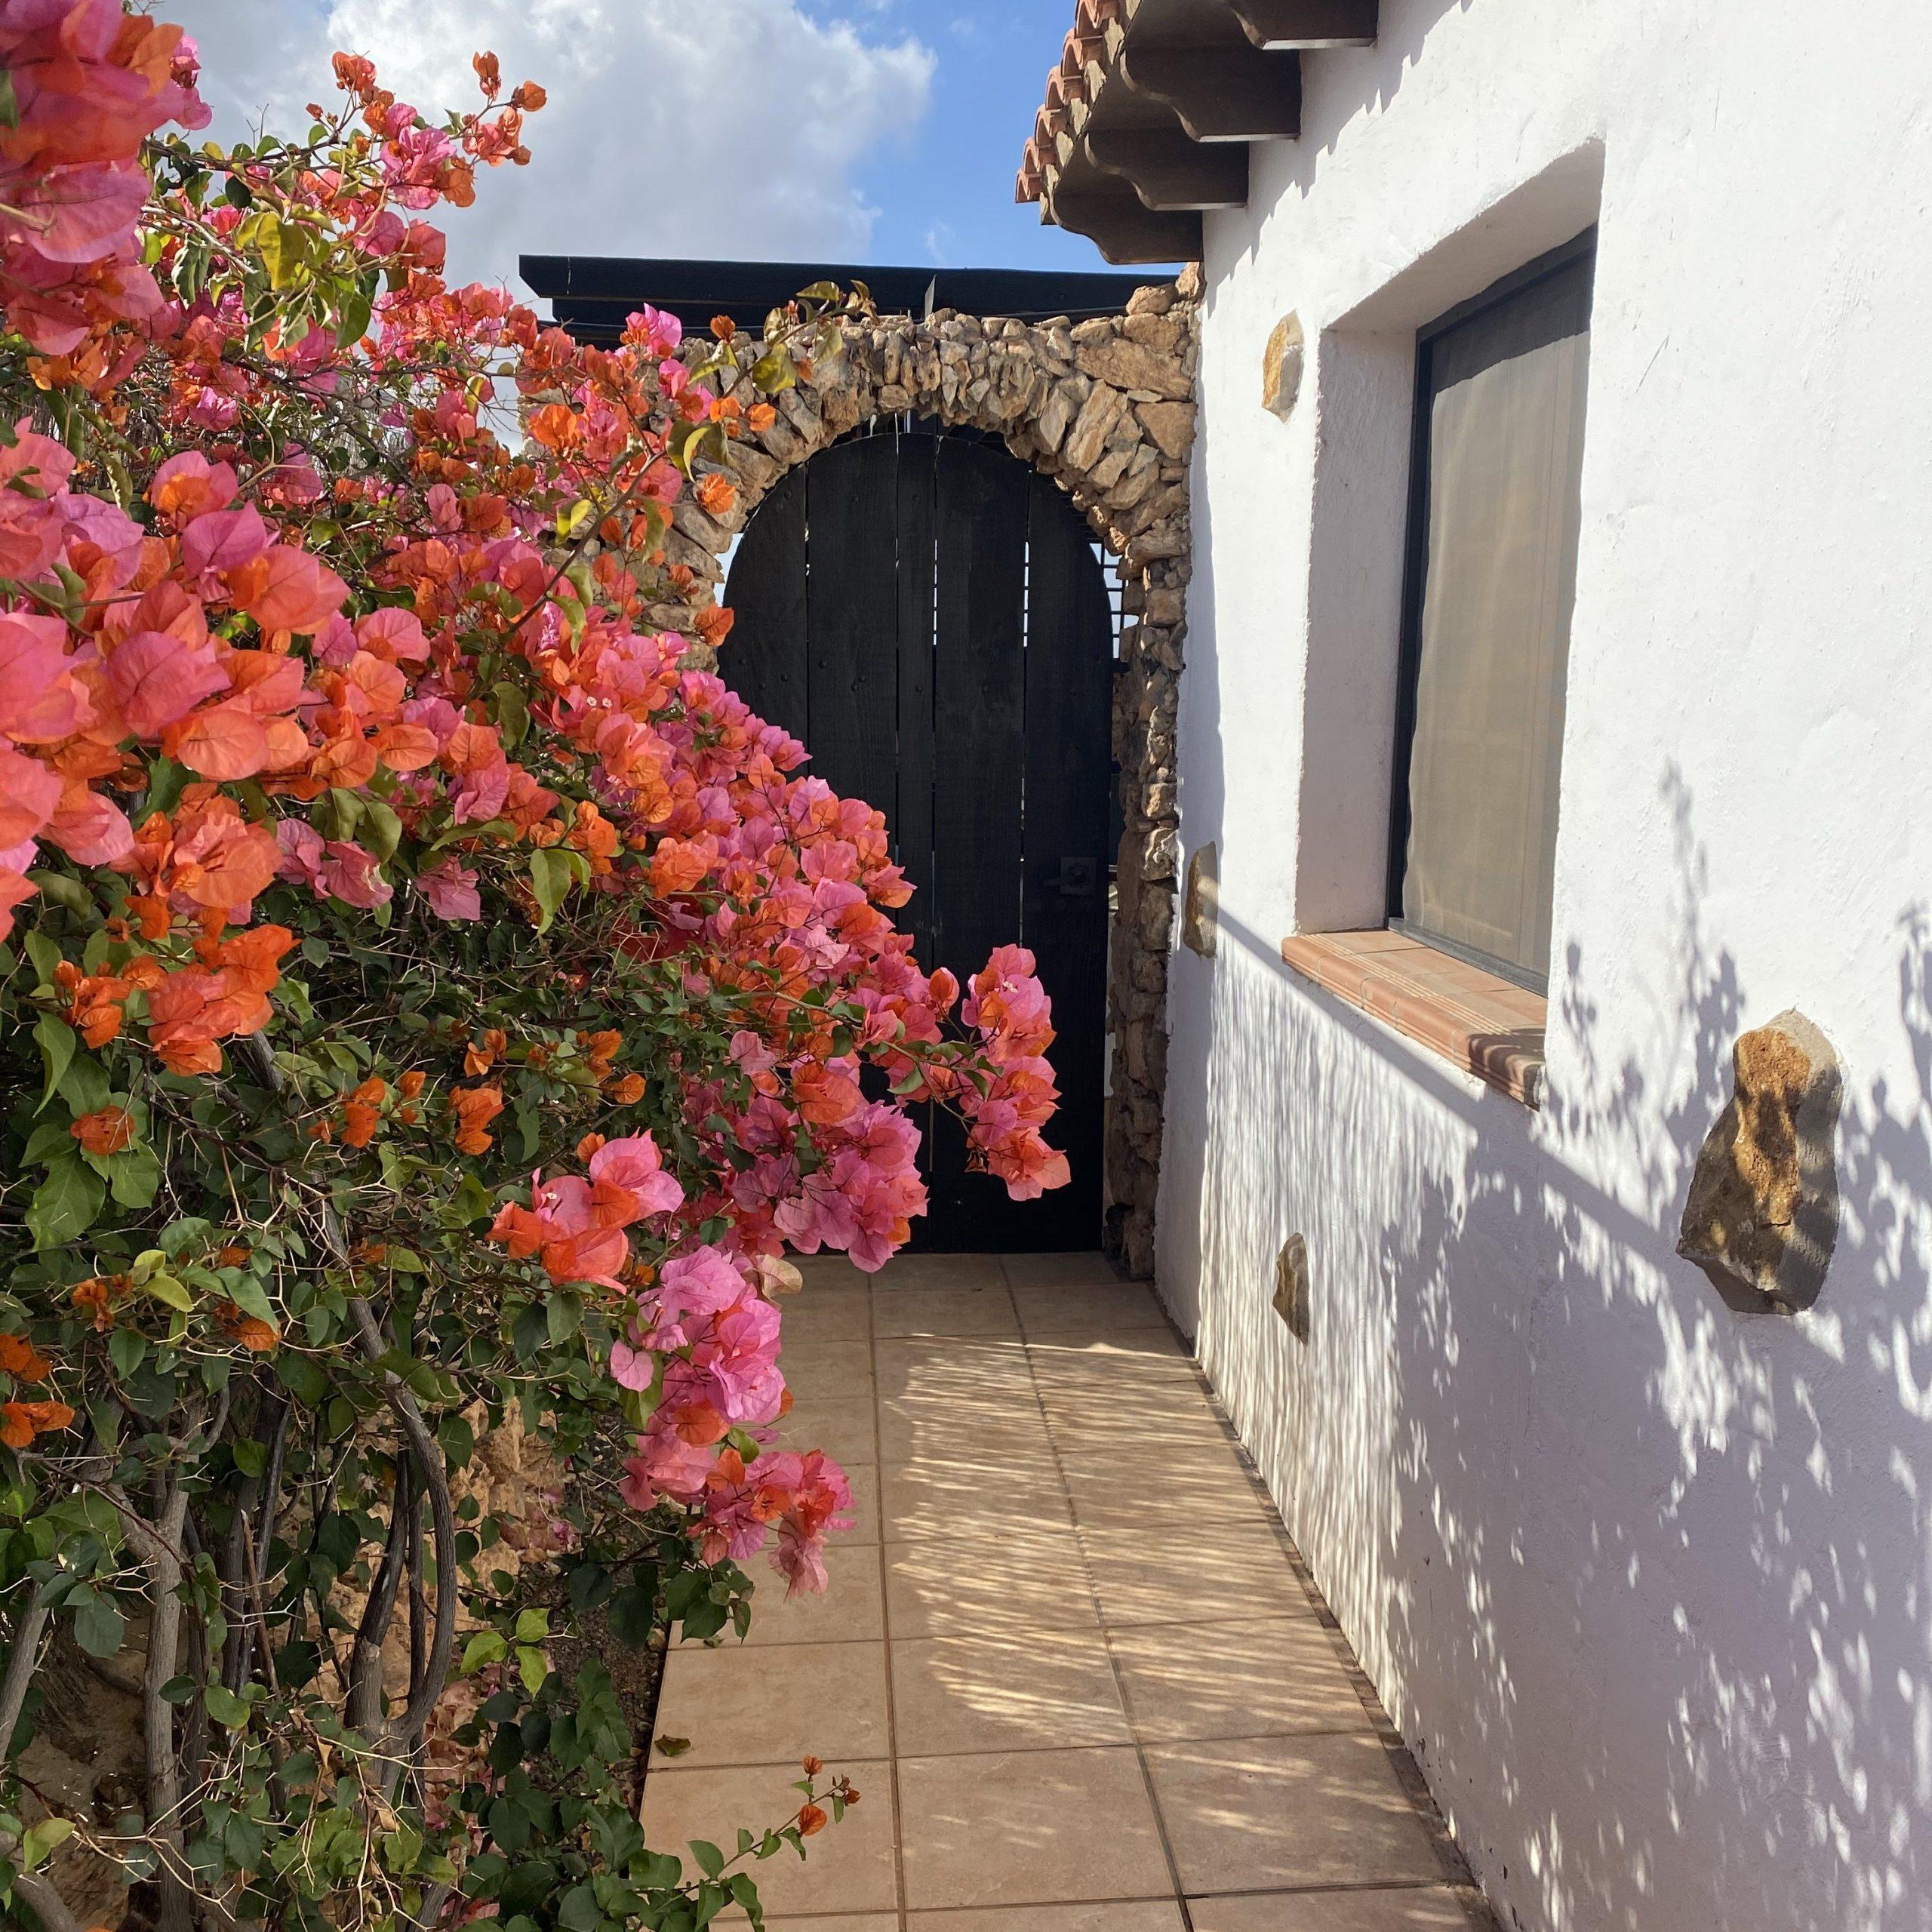 Villa Vital - Coliving for expats on Fuerteventura